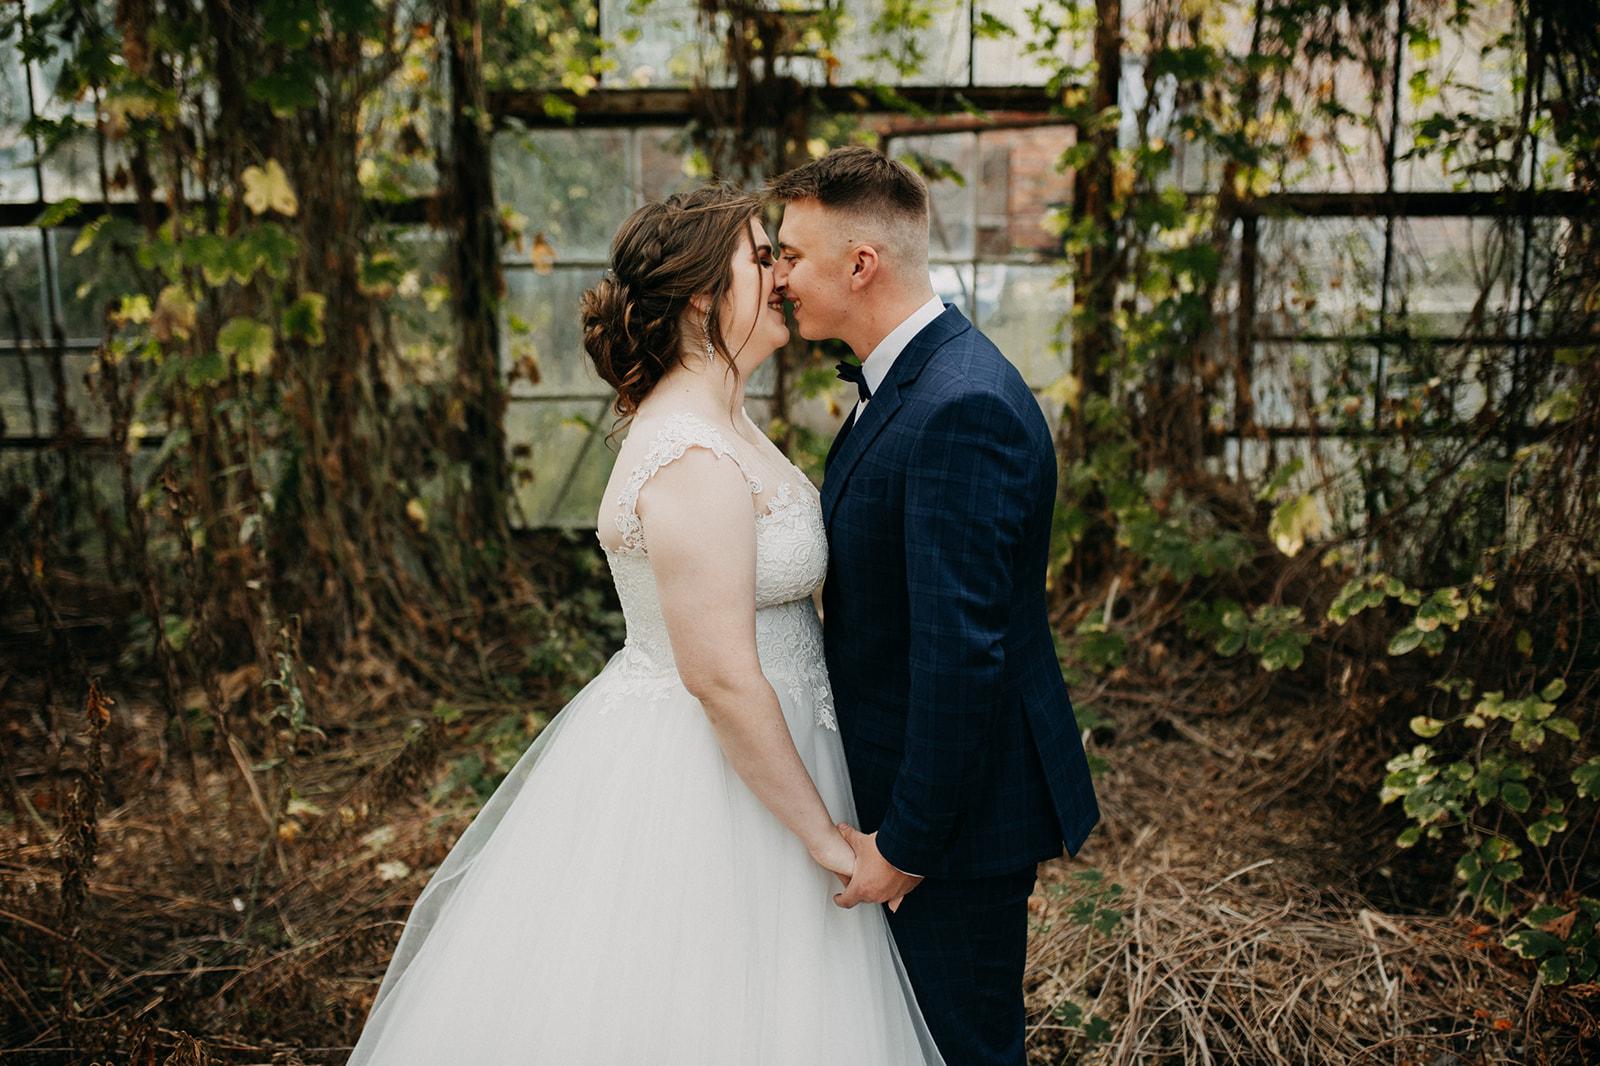 Jesienna sesja ślubna w szklarni